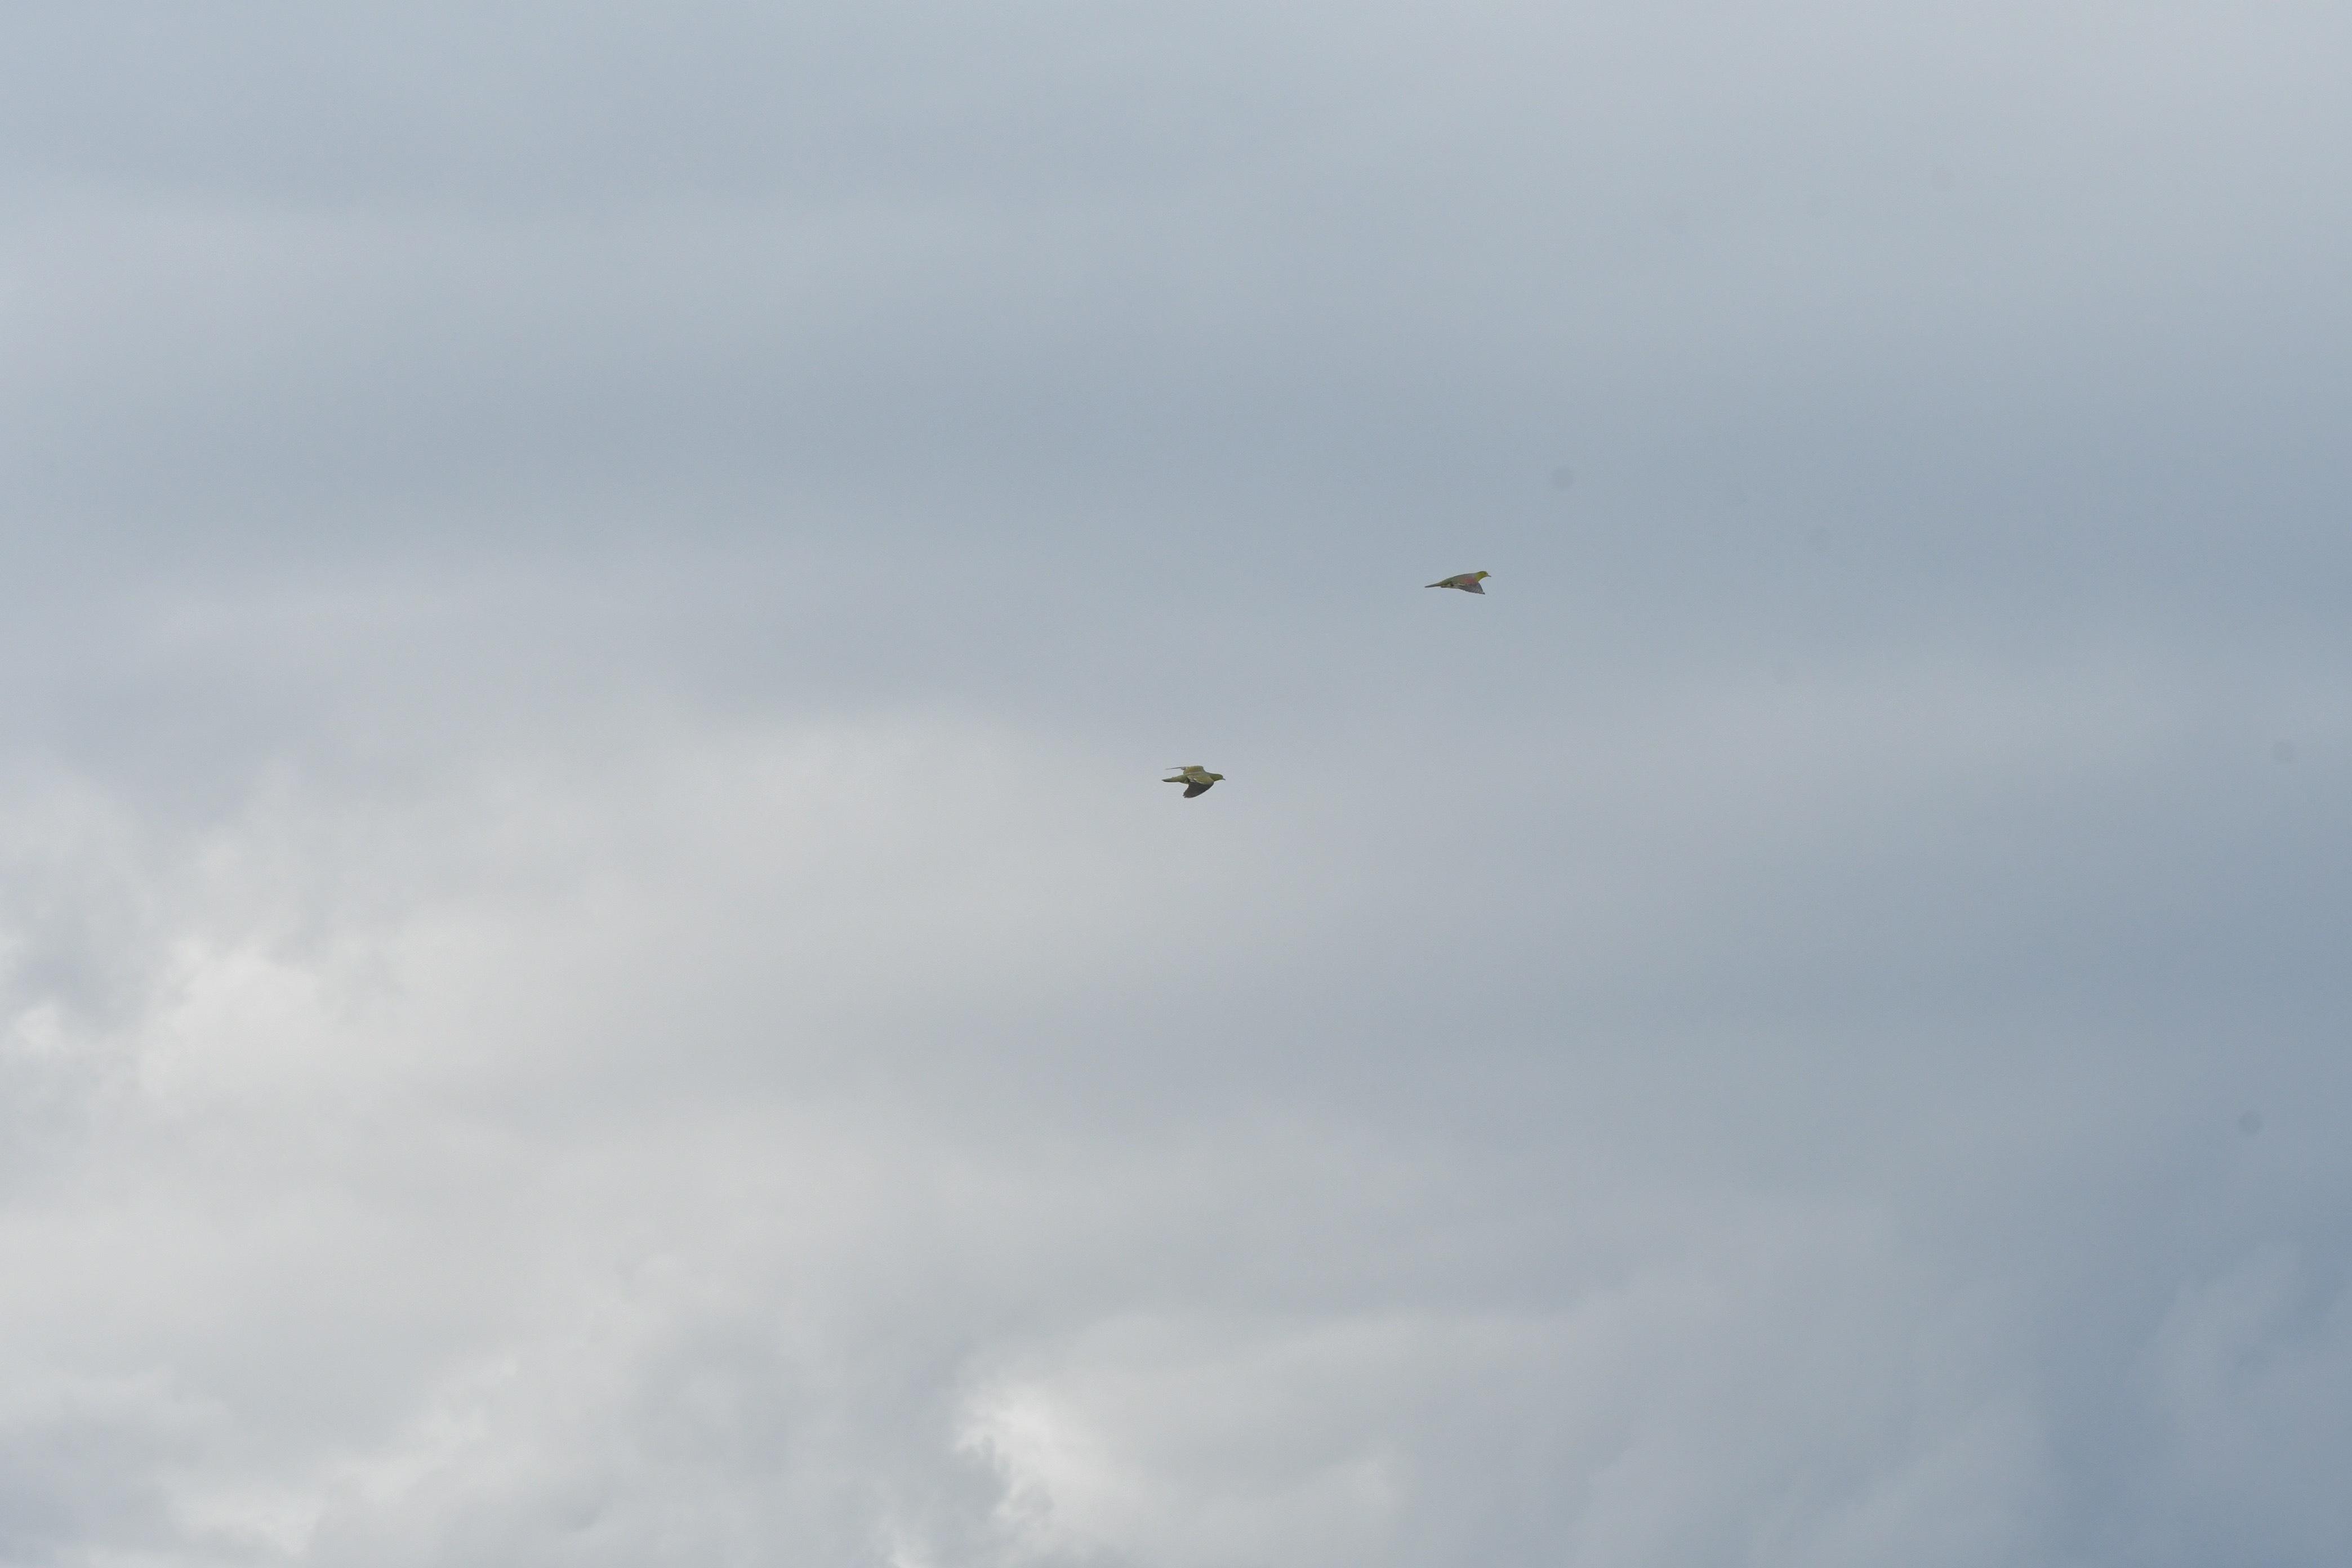 曇り空を飛ぶアオバト